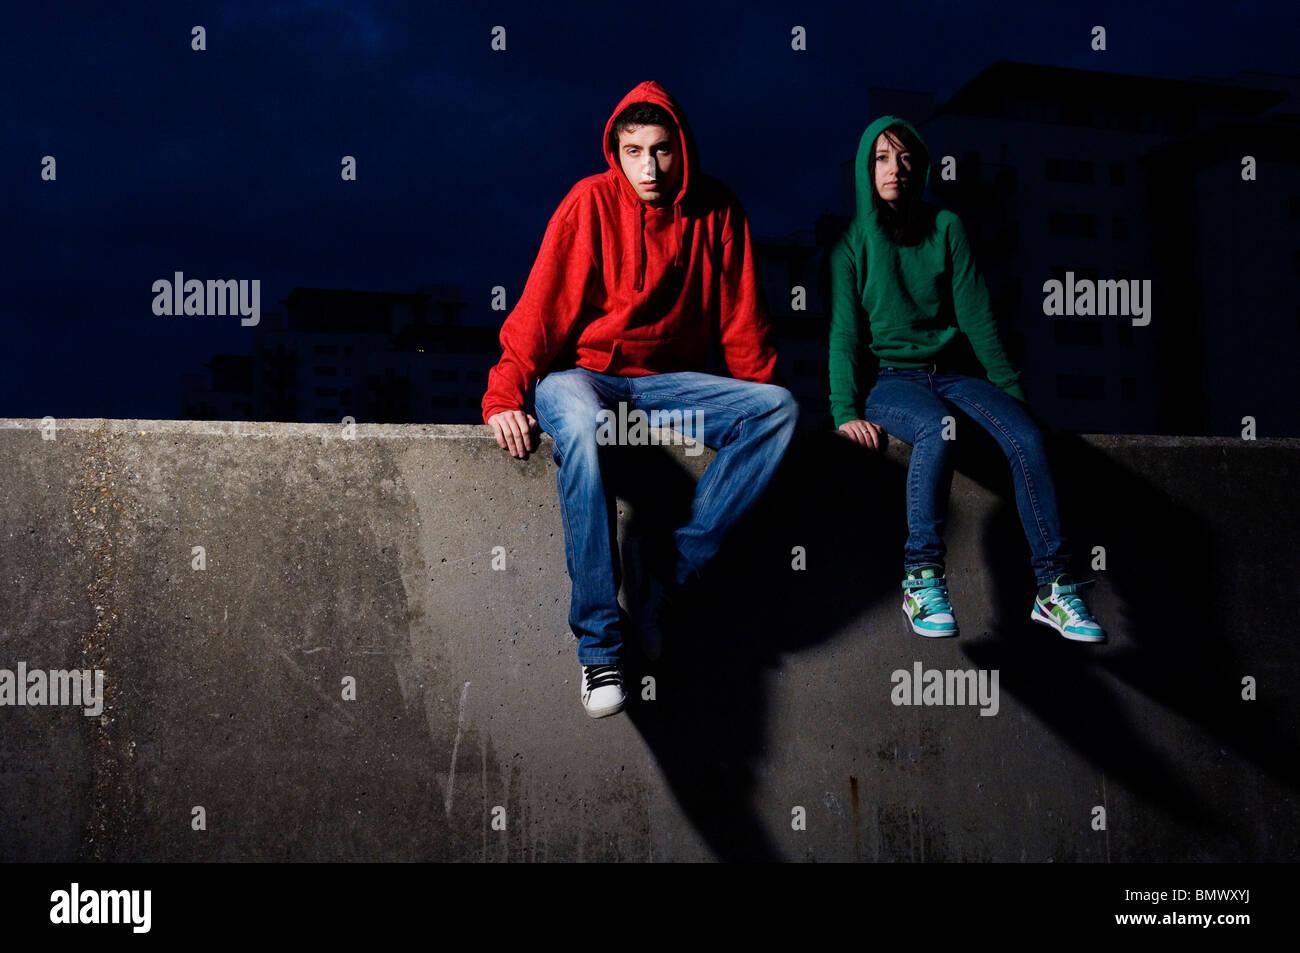 Youthful Male & Female - Stock Image